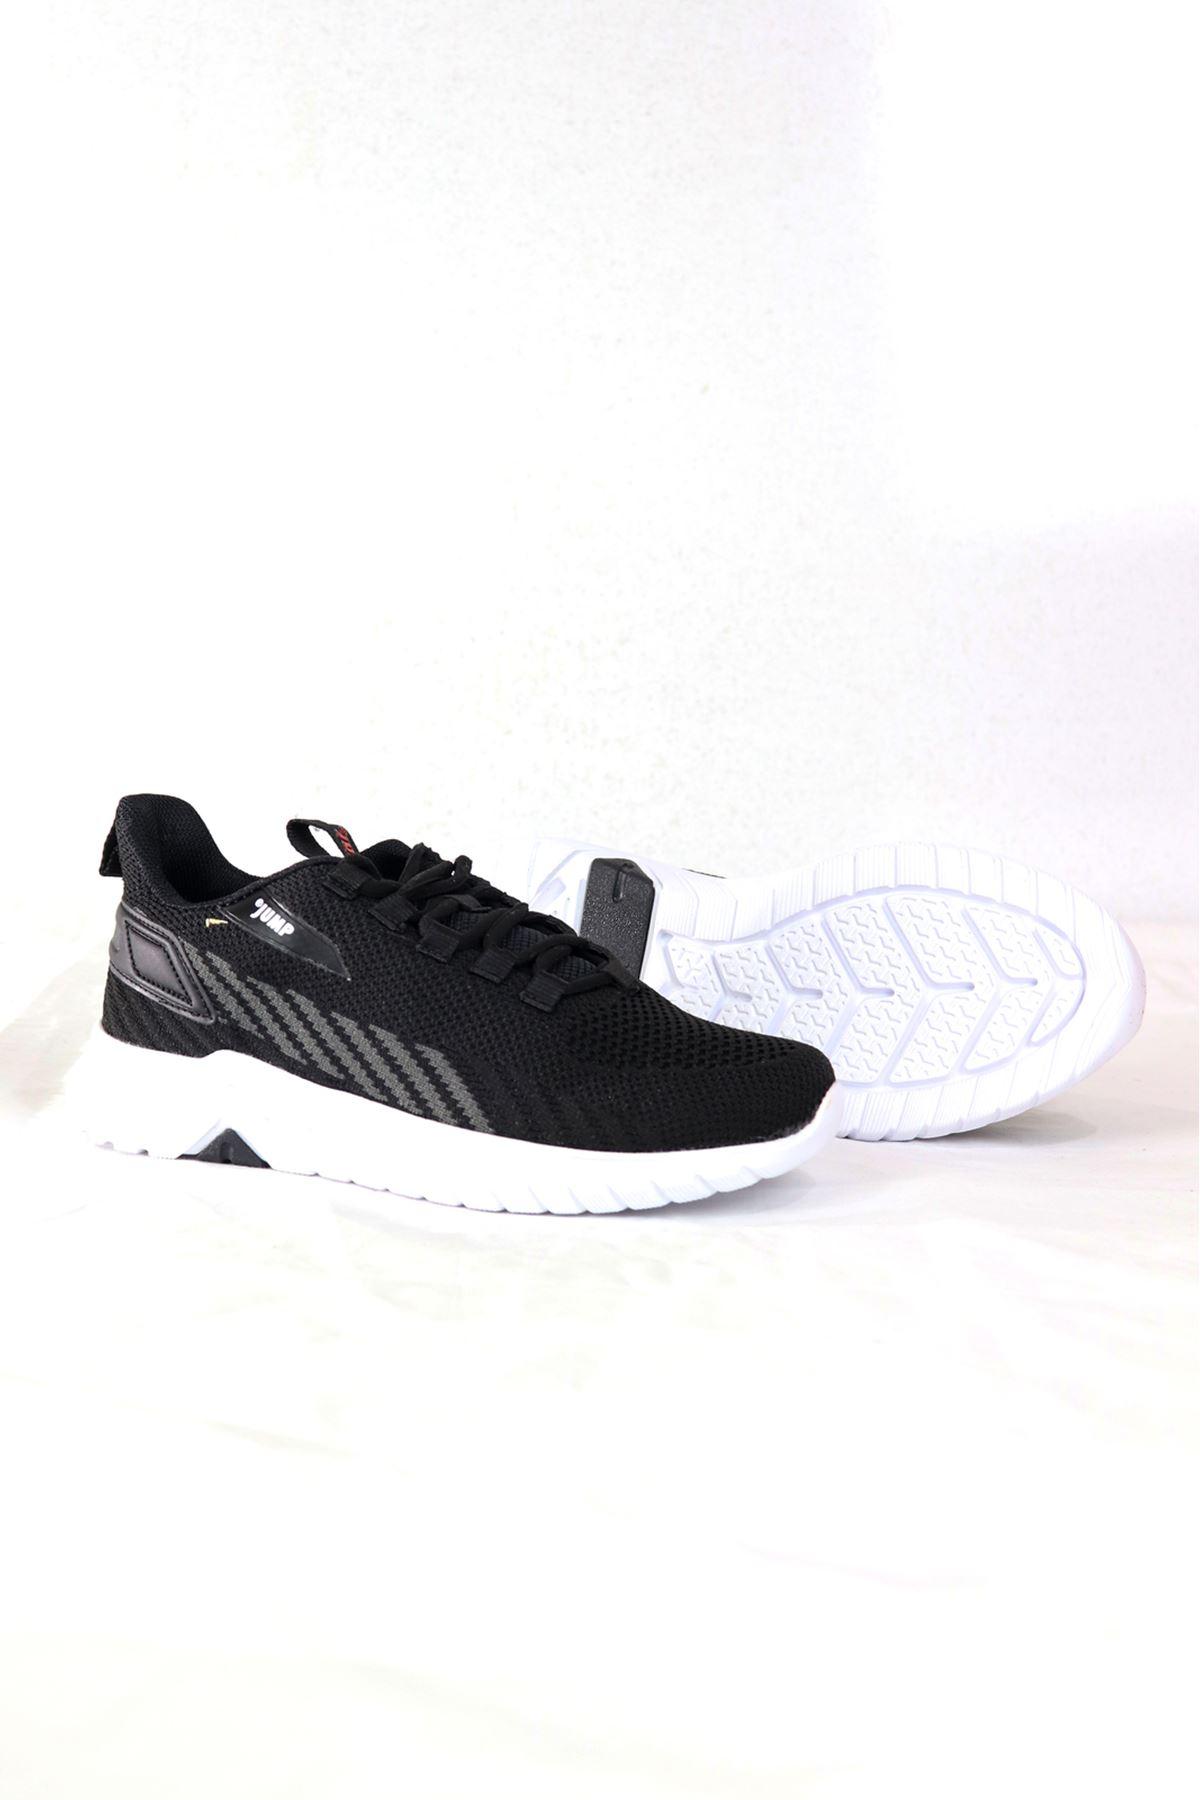 Jump - 26441 - Siyah/Gri Kadın Spor Ayakkabısı